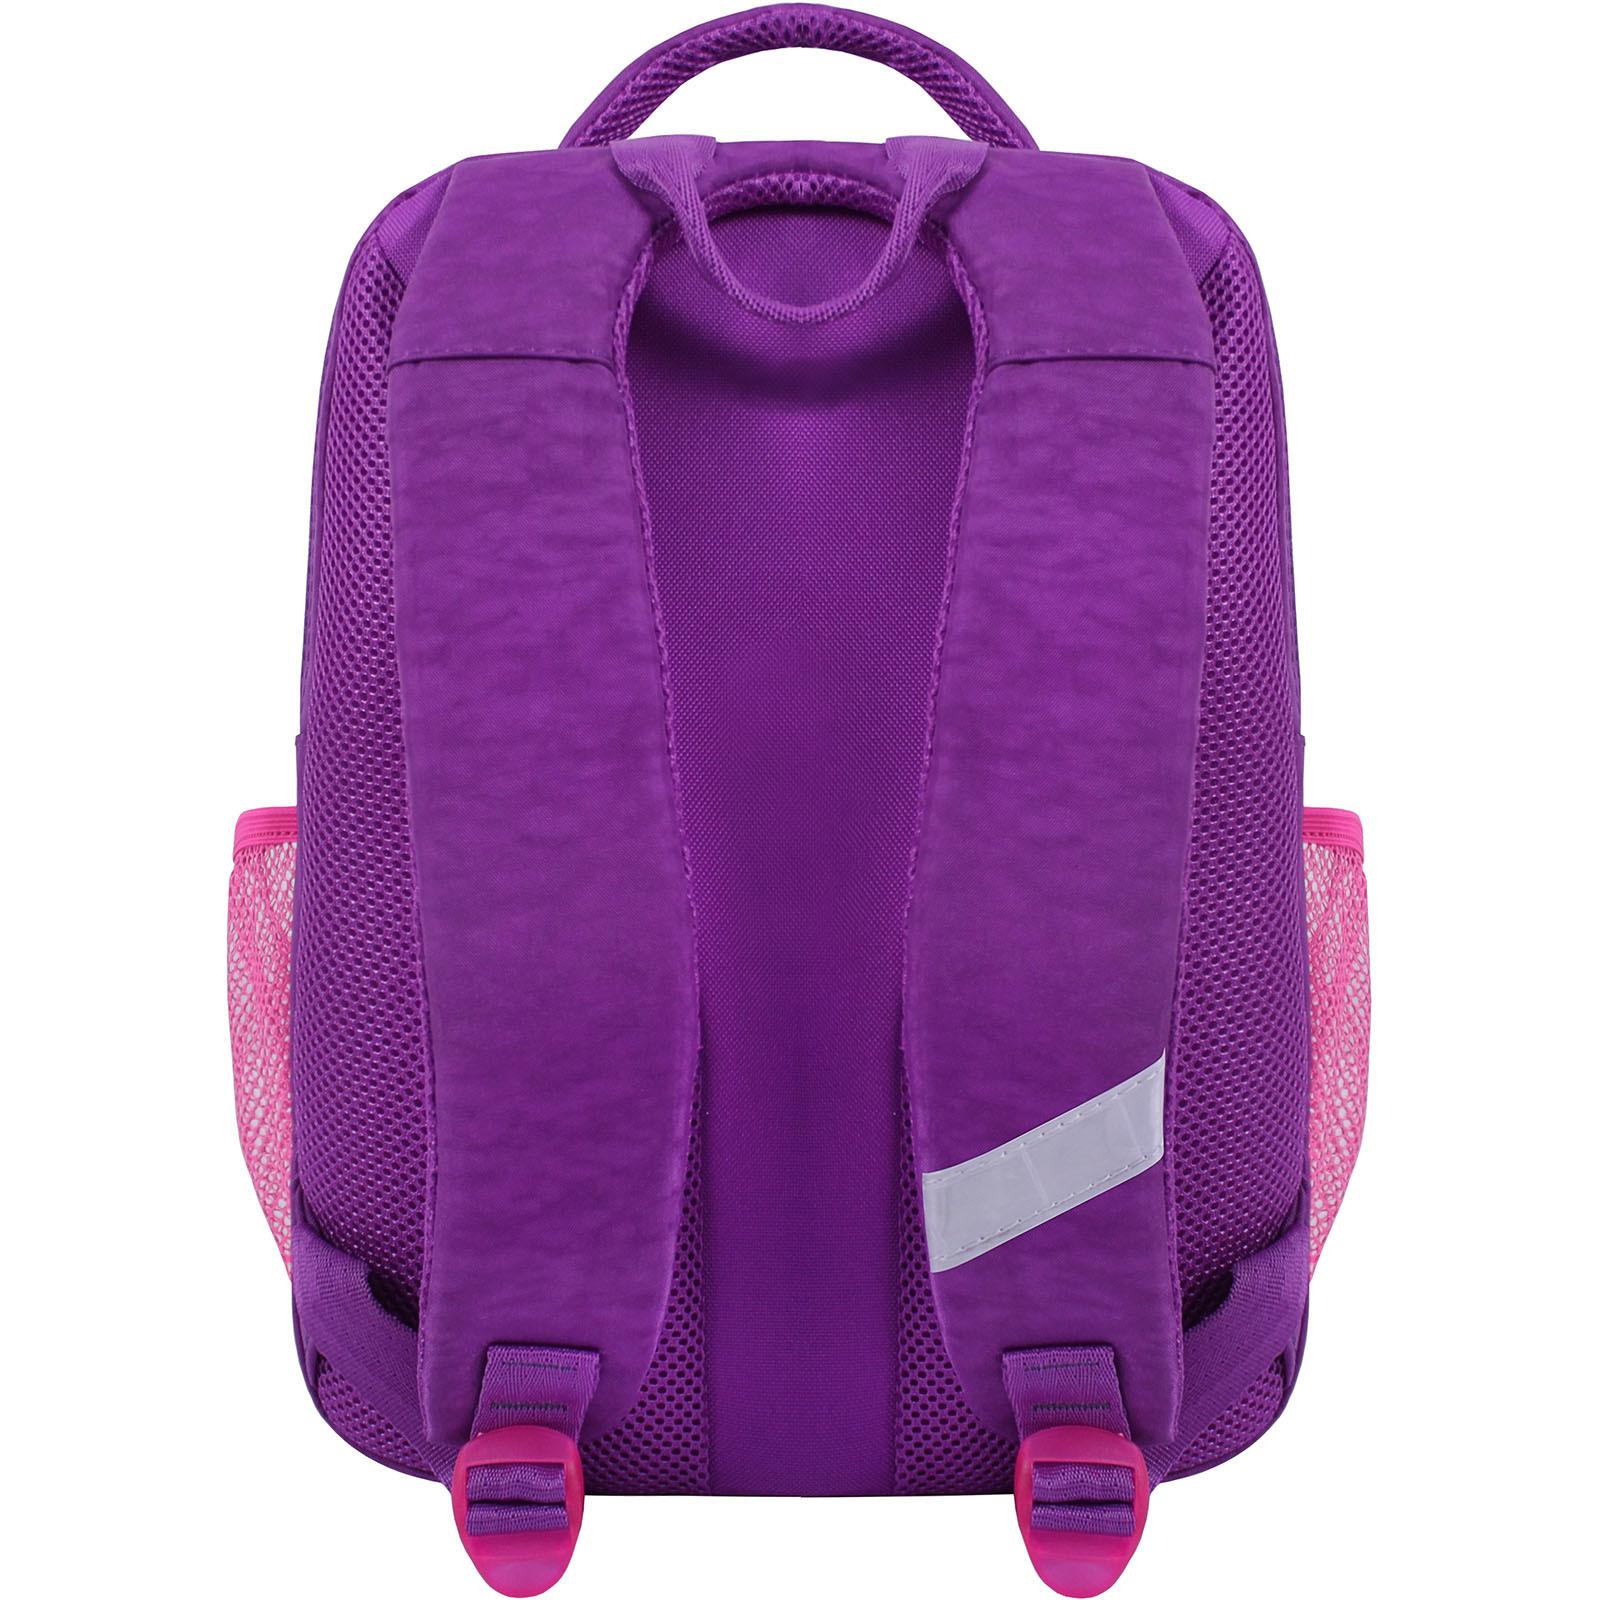 Рюкзак школьный Bagland Школьник 8 л. фиолетовый 498 (0012870) фото 3